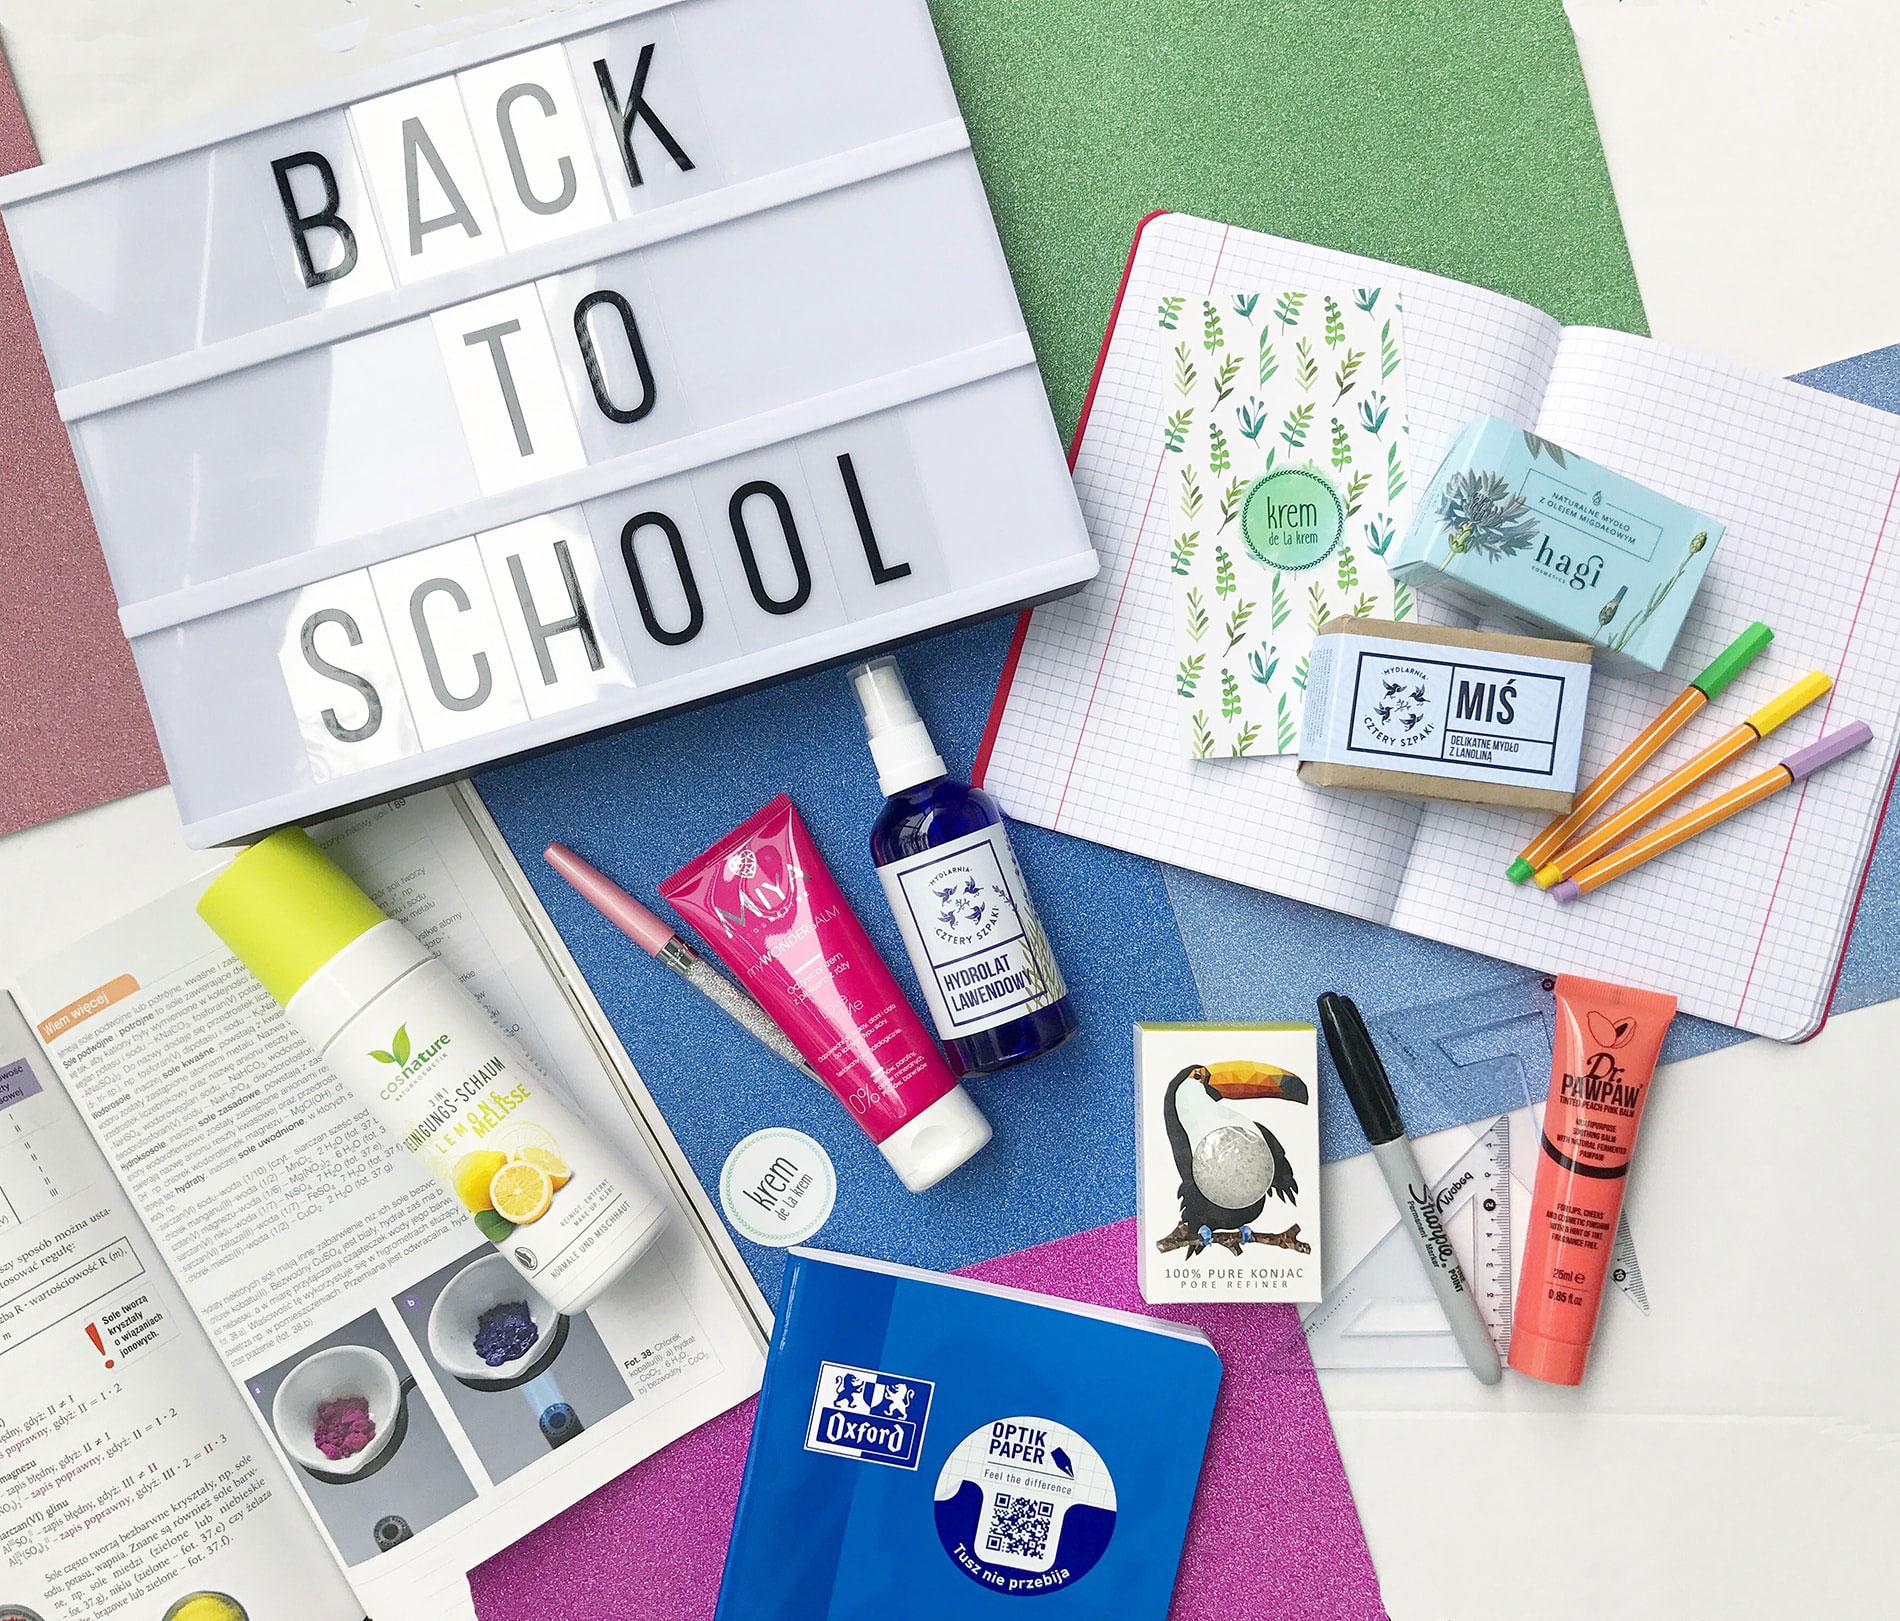 """BACK TO SCHOOL – CZYLI PIELĘGNACJA NA """"DZIEŃ DOBRY"""" W 5 MINUT!"""